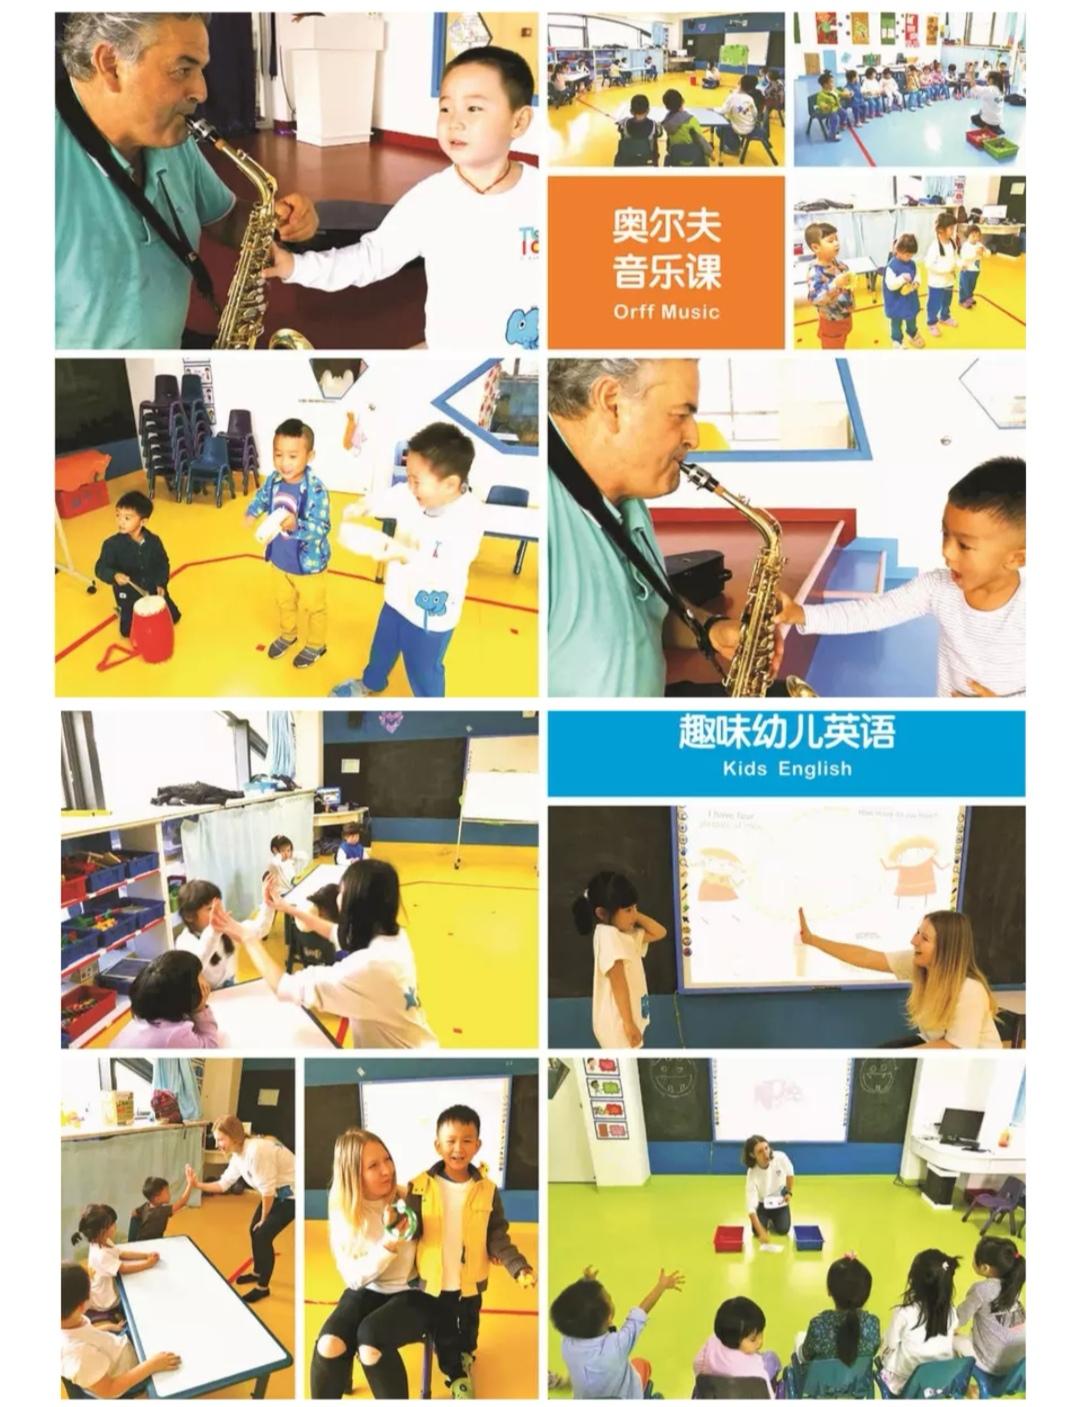 中山市东区长江幼儿园_才通国际人才网_job001.cn